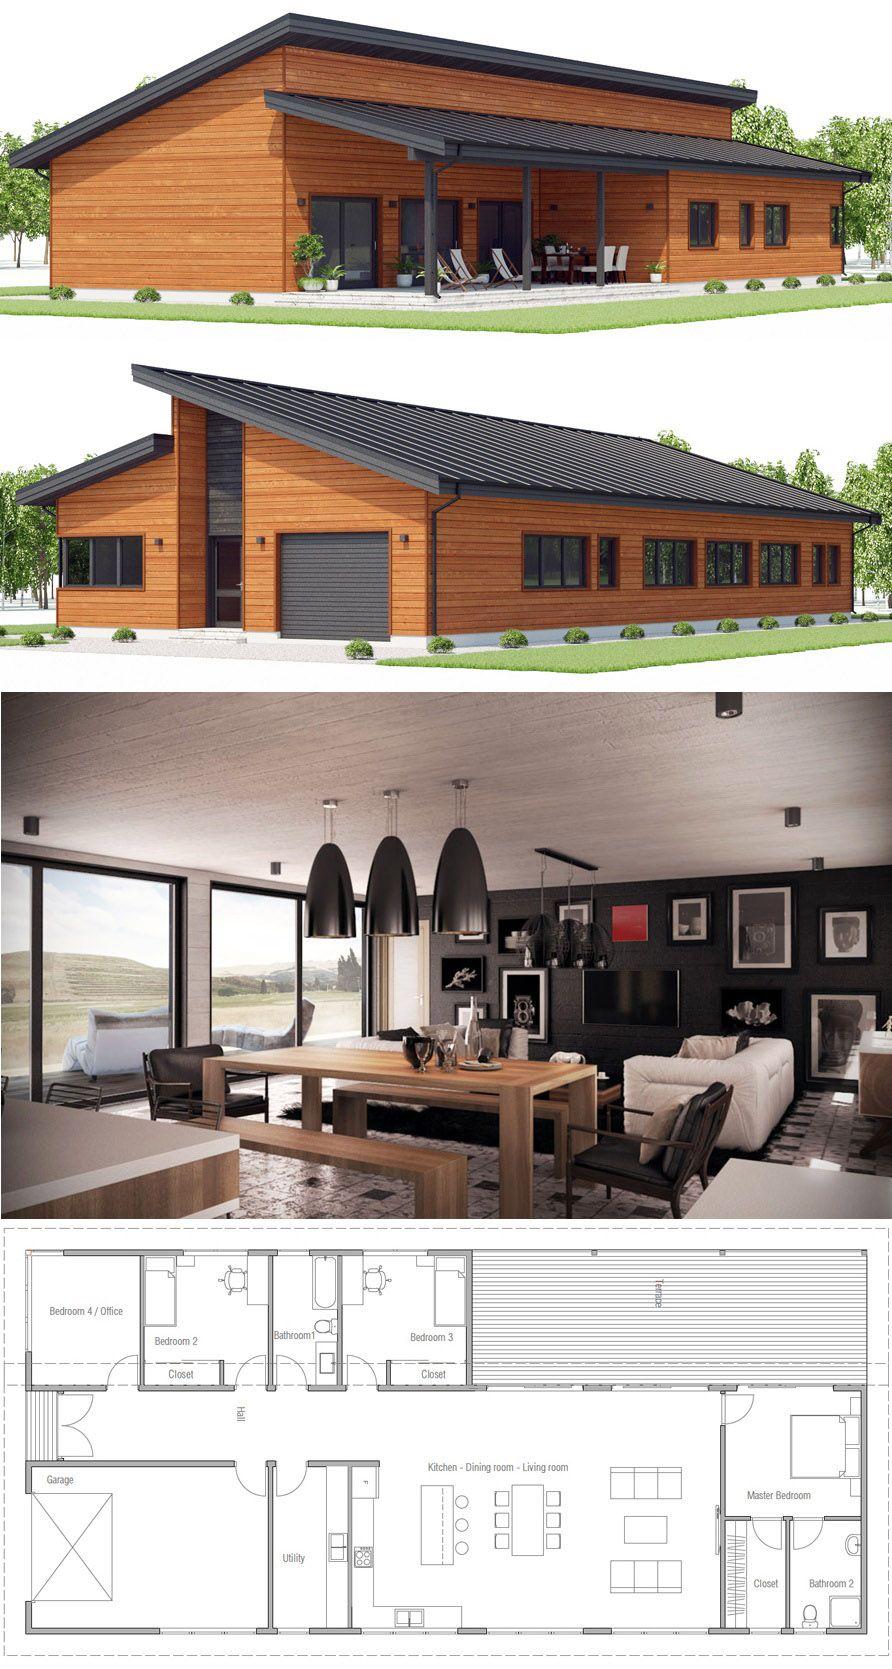 Moderne wohnideen außen hausplan hausbau  architektur in   pinterest  house plans